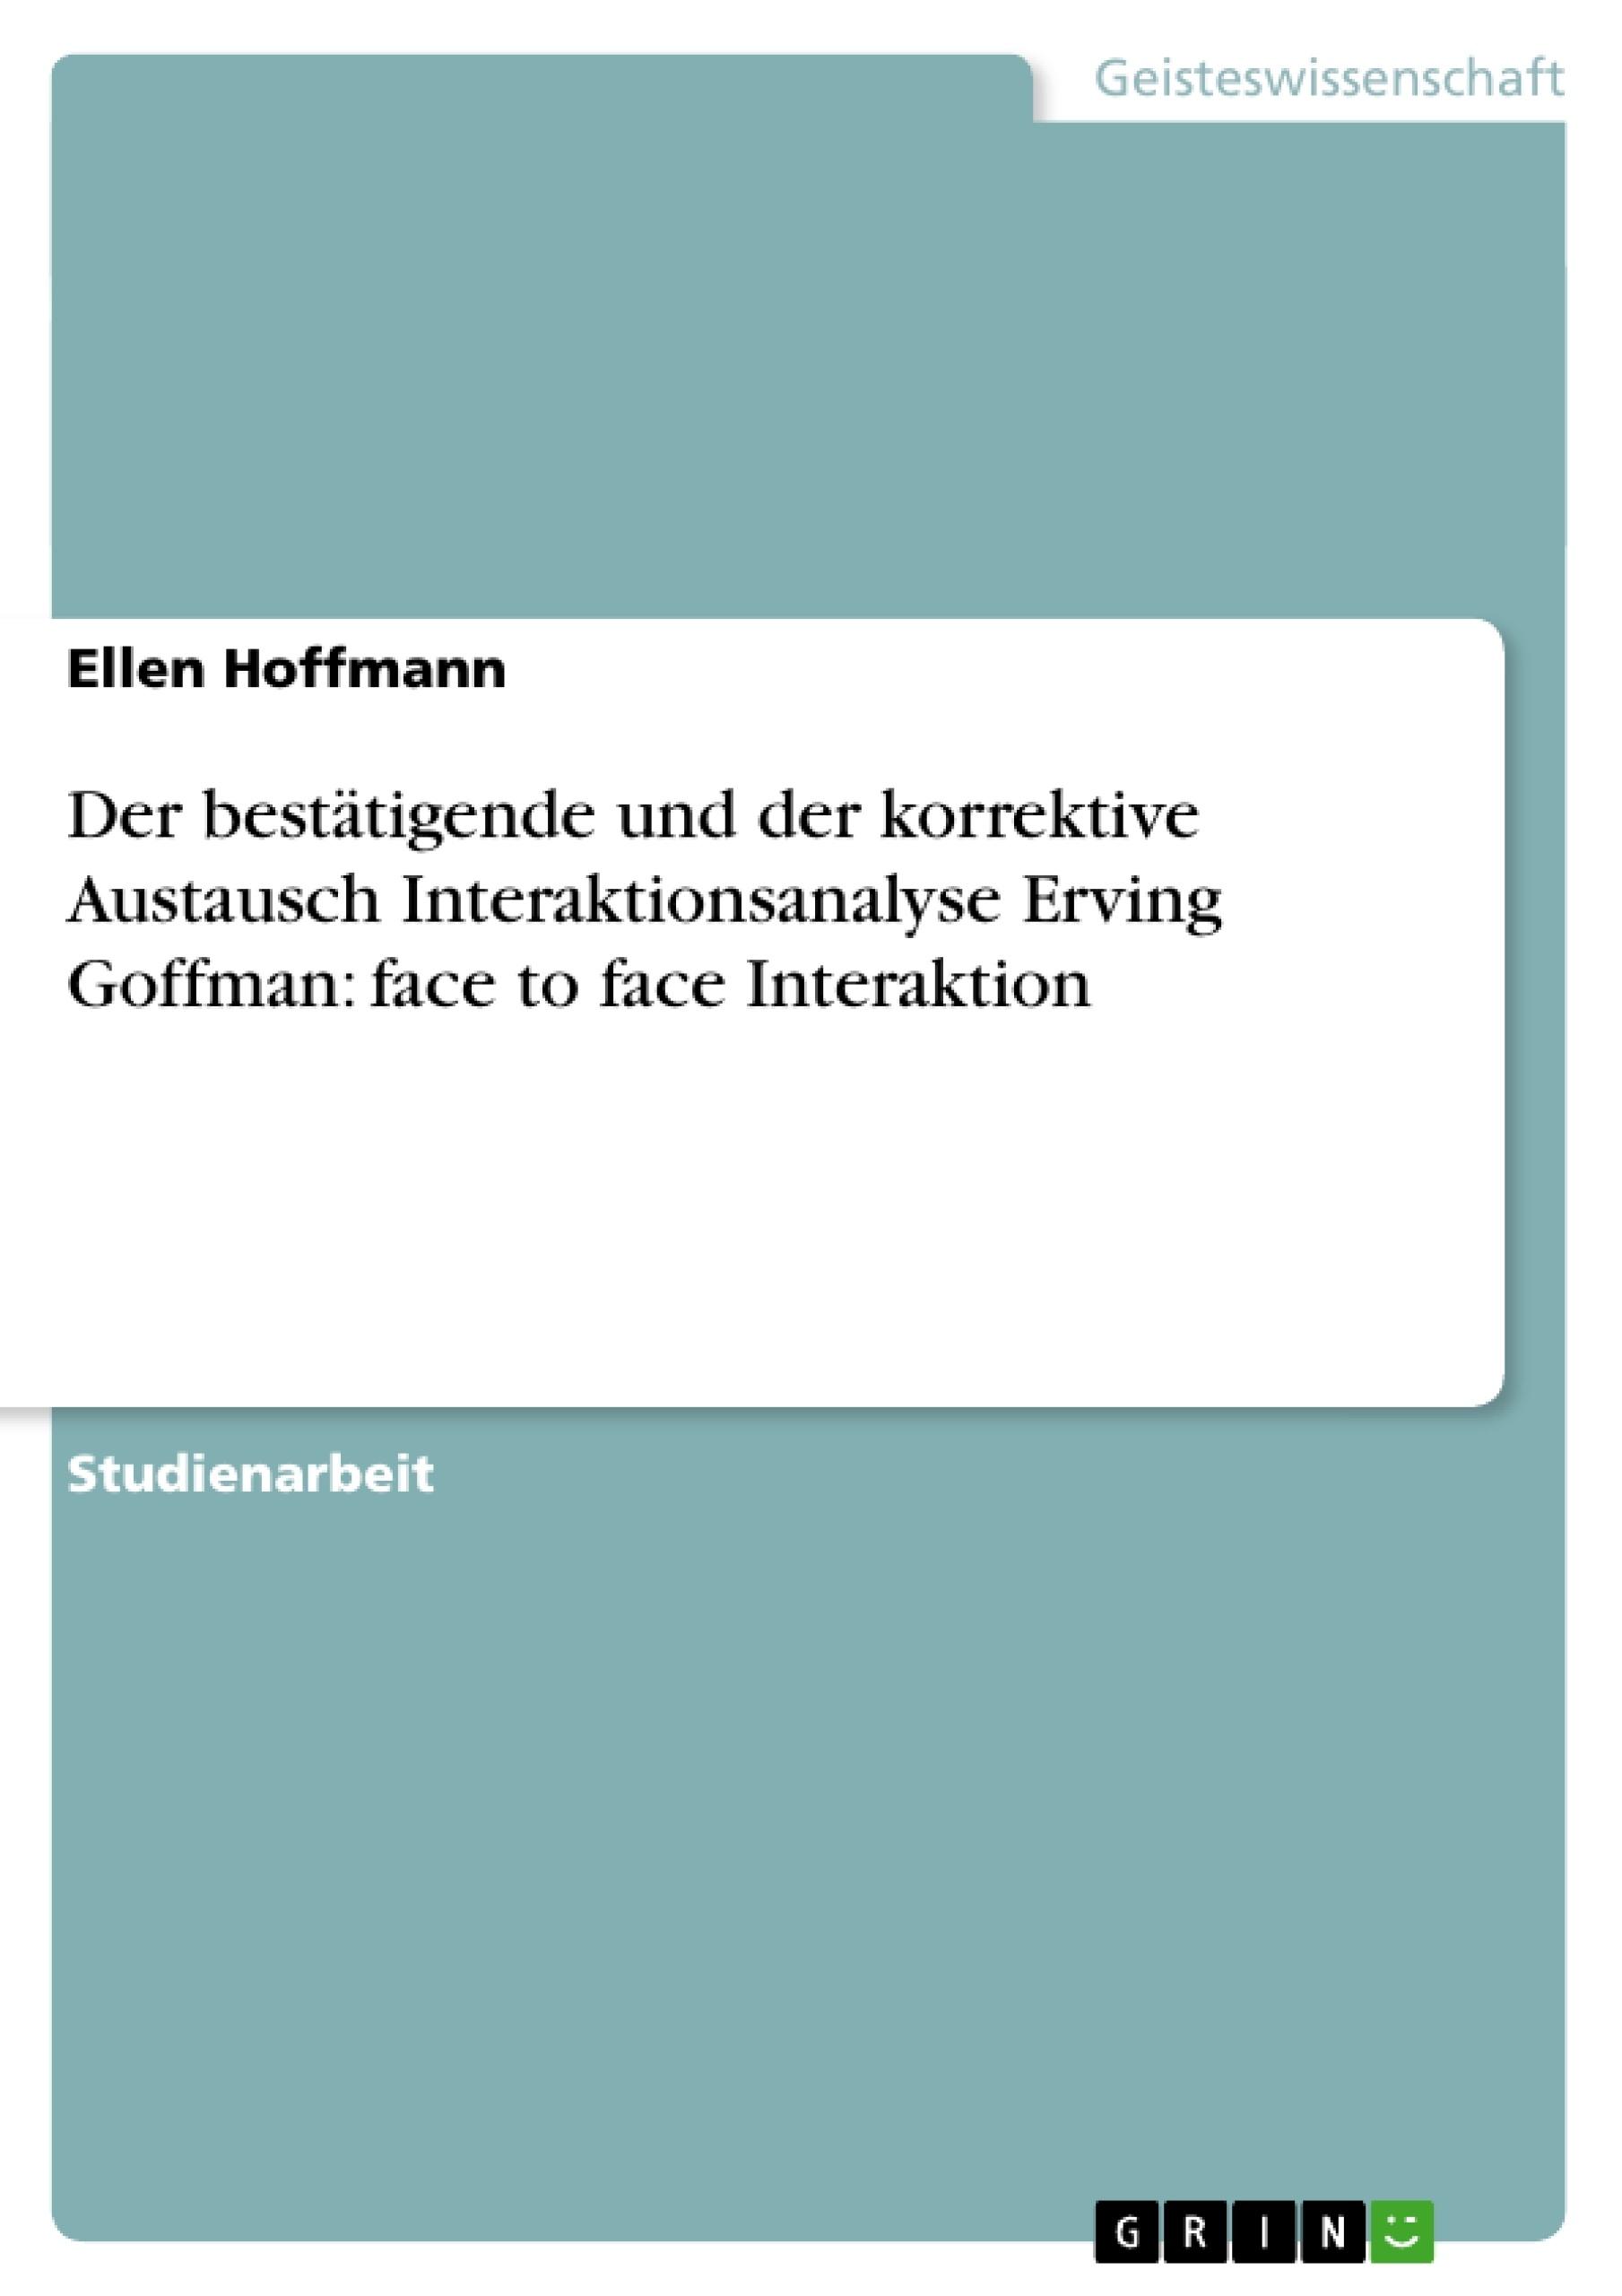 Titel: Der bestätigende und der korrektive Austausch Interaktionsanalyse Erving Goffman: face to face Interaktion